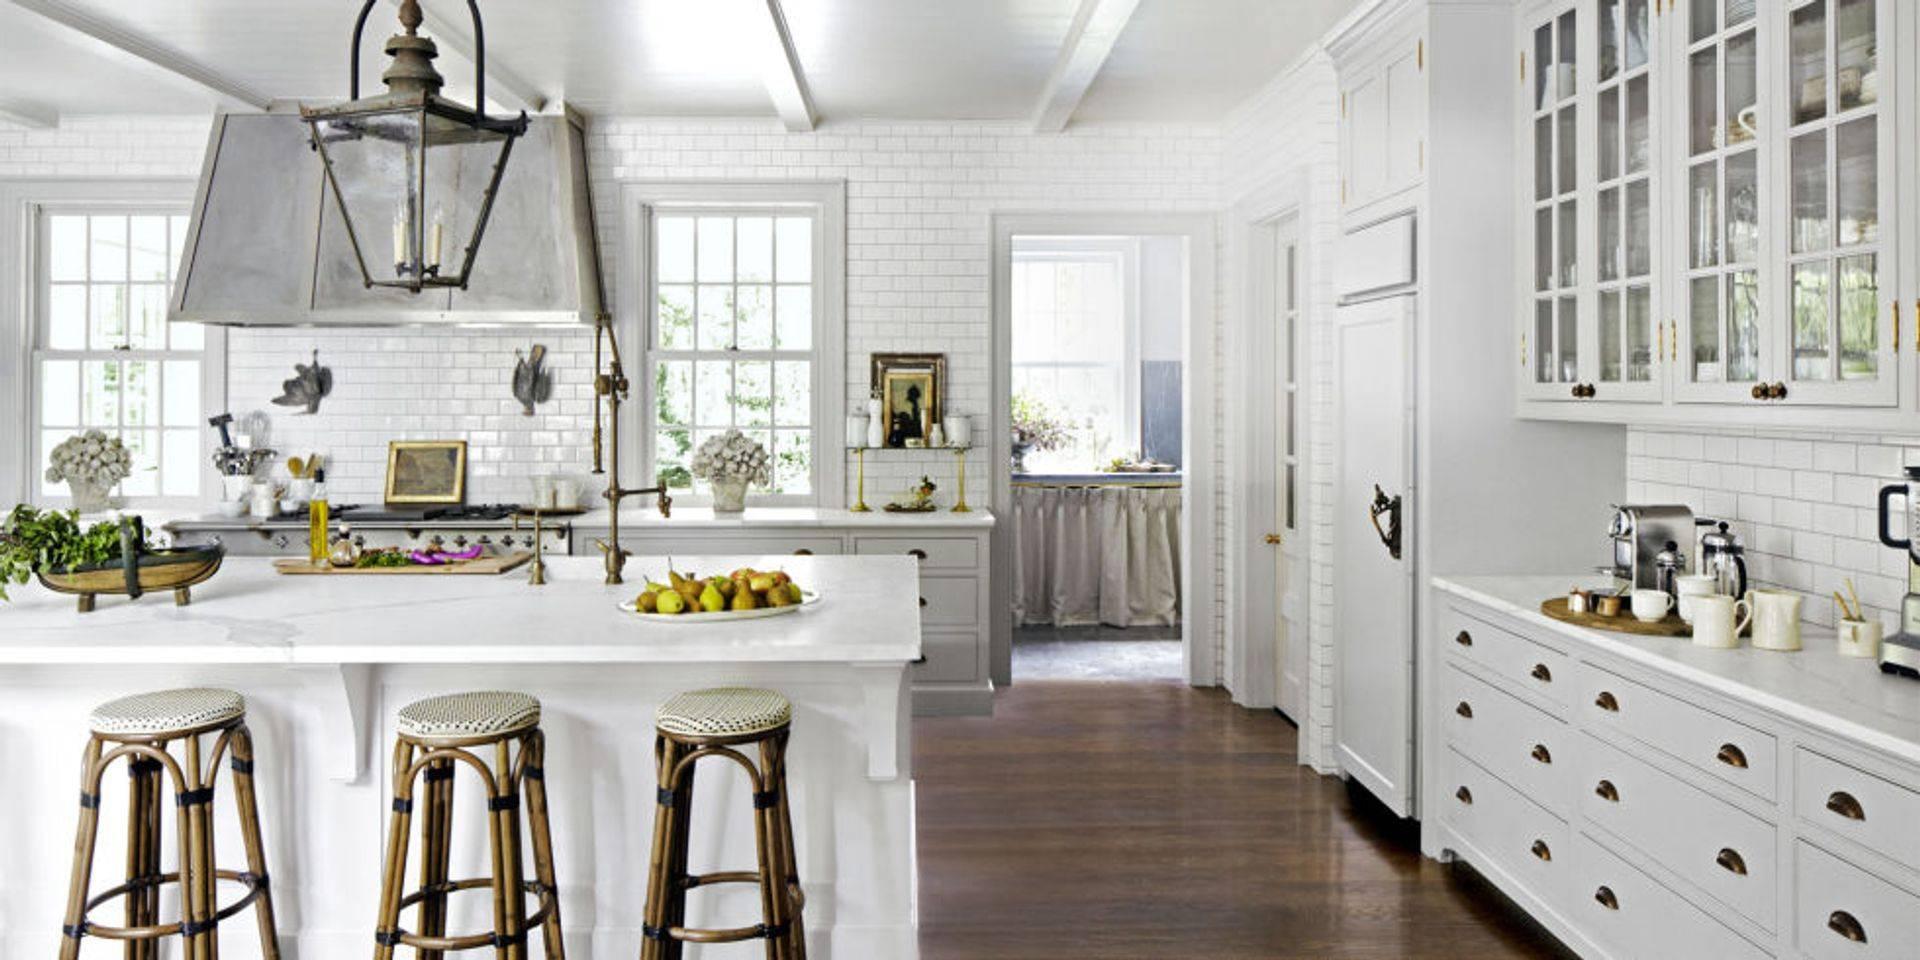 Best Kitchen Appliances 2018 White Modern Cabinets dark Floors Houston TX